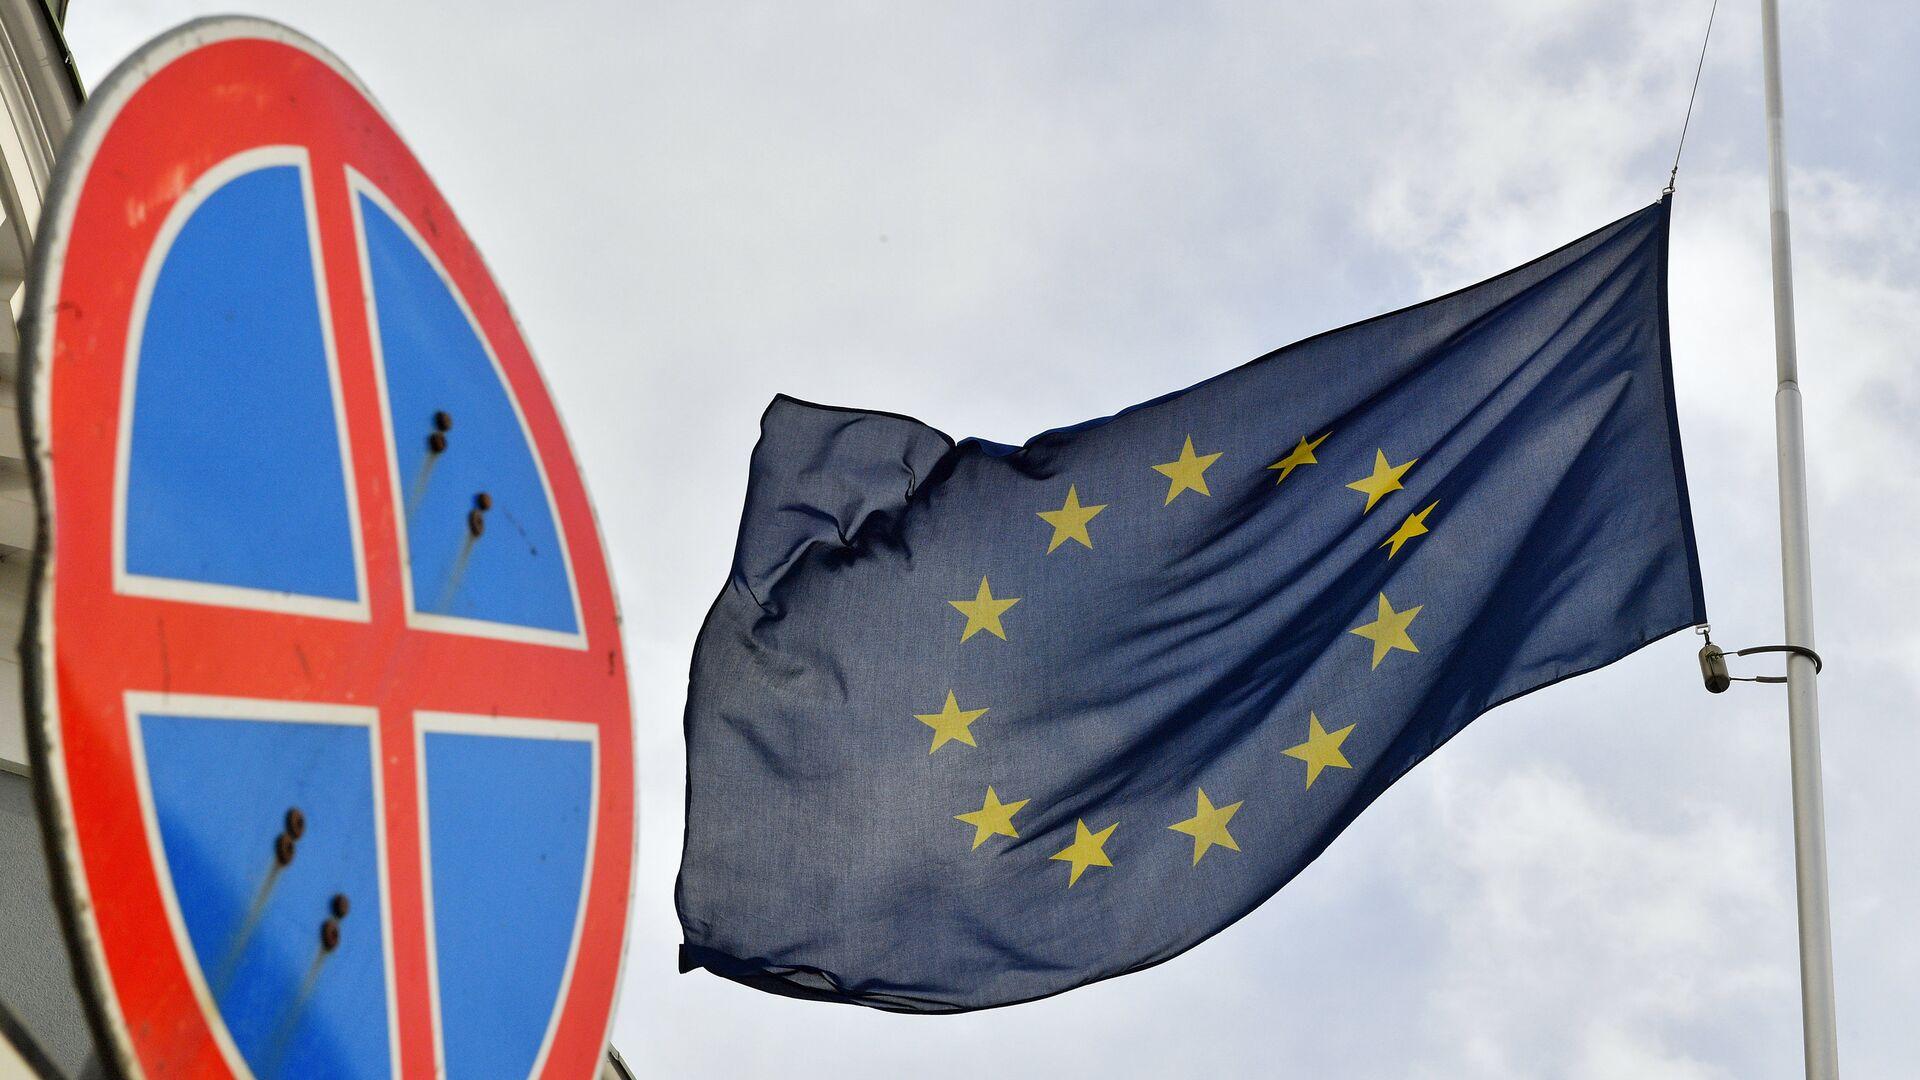 Флаг ЕС у здания представительства Европейского Союза в Москве. - Sputnik Latvija, 1920, 05.05.2021